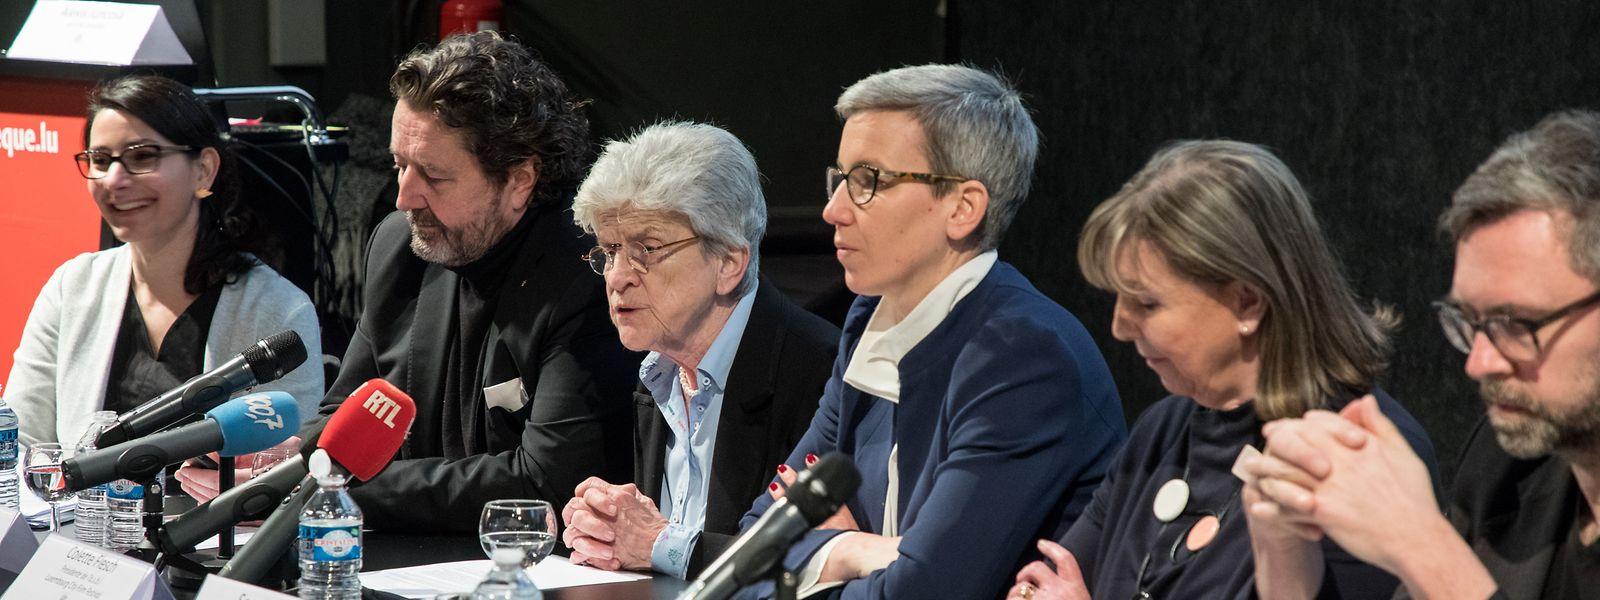 Politprominenz bei der Präsentationspressekonferenz des Filmfestivals, das am kommenden 5. März beginnen wird.